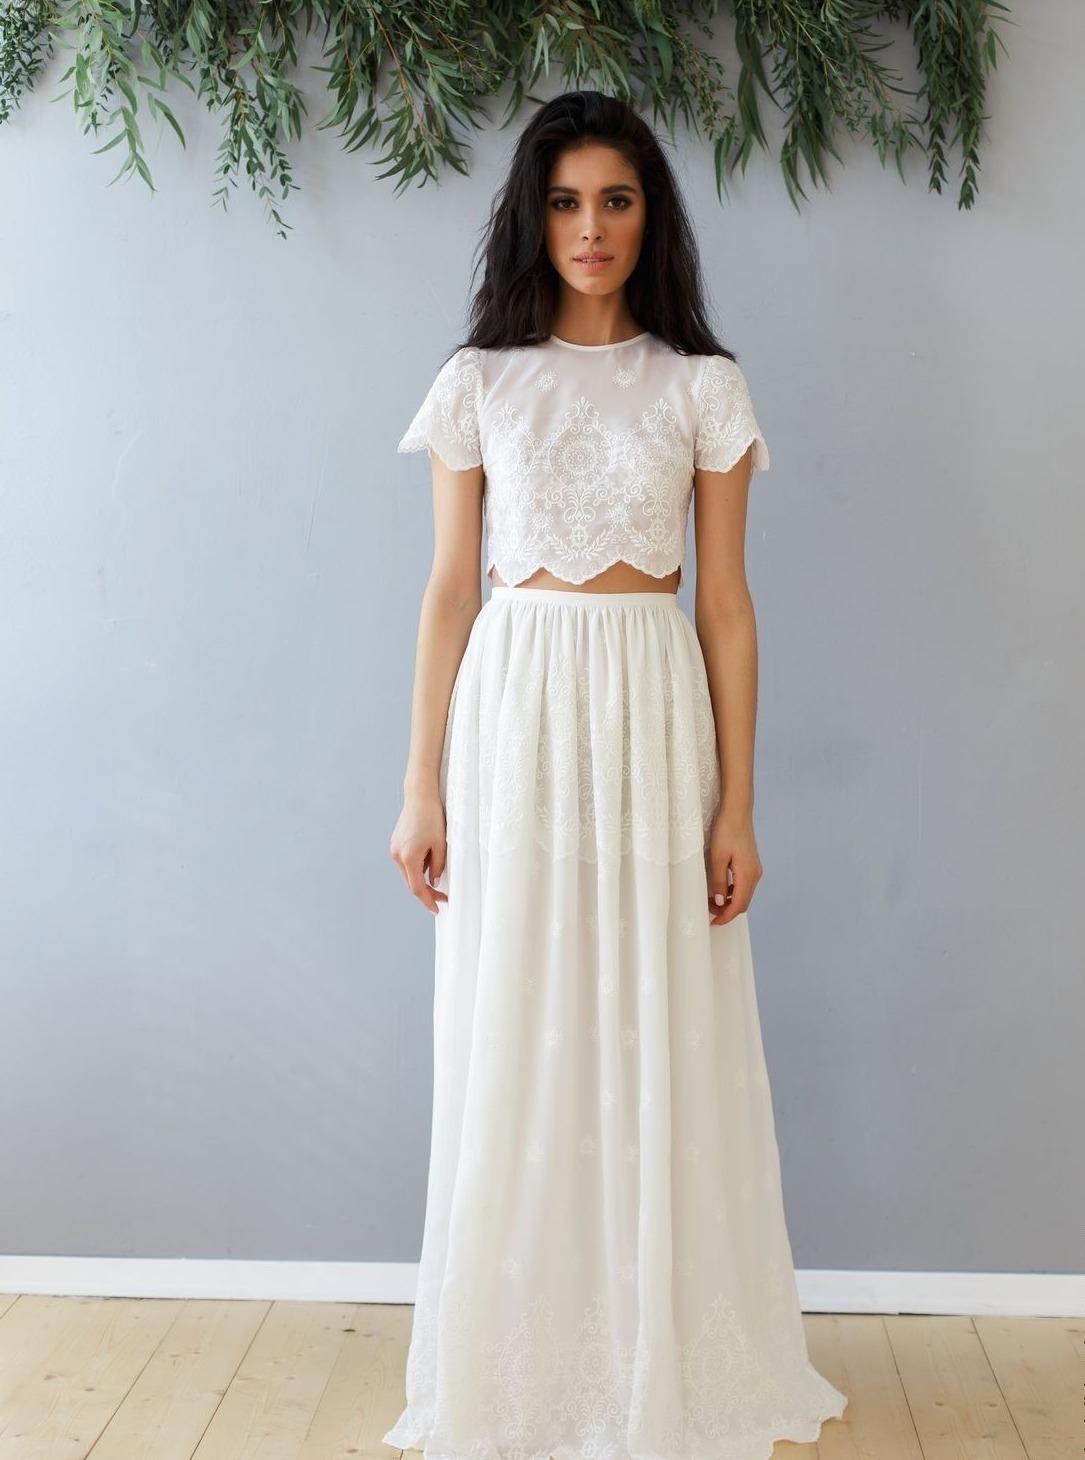 Девушка в белой юбке и топике